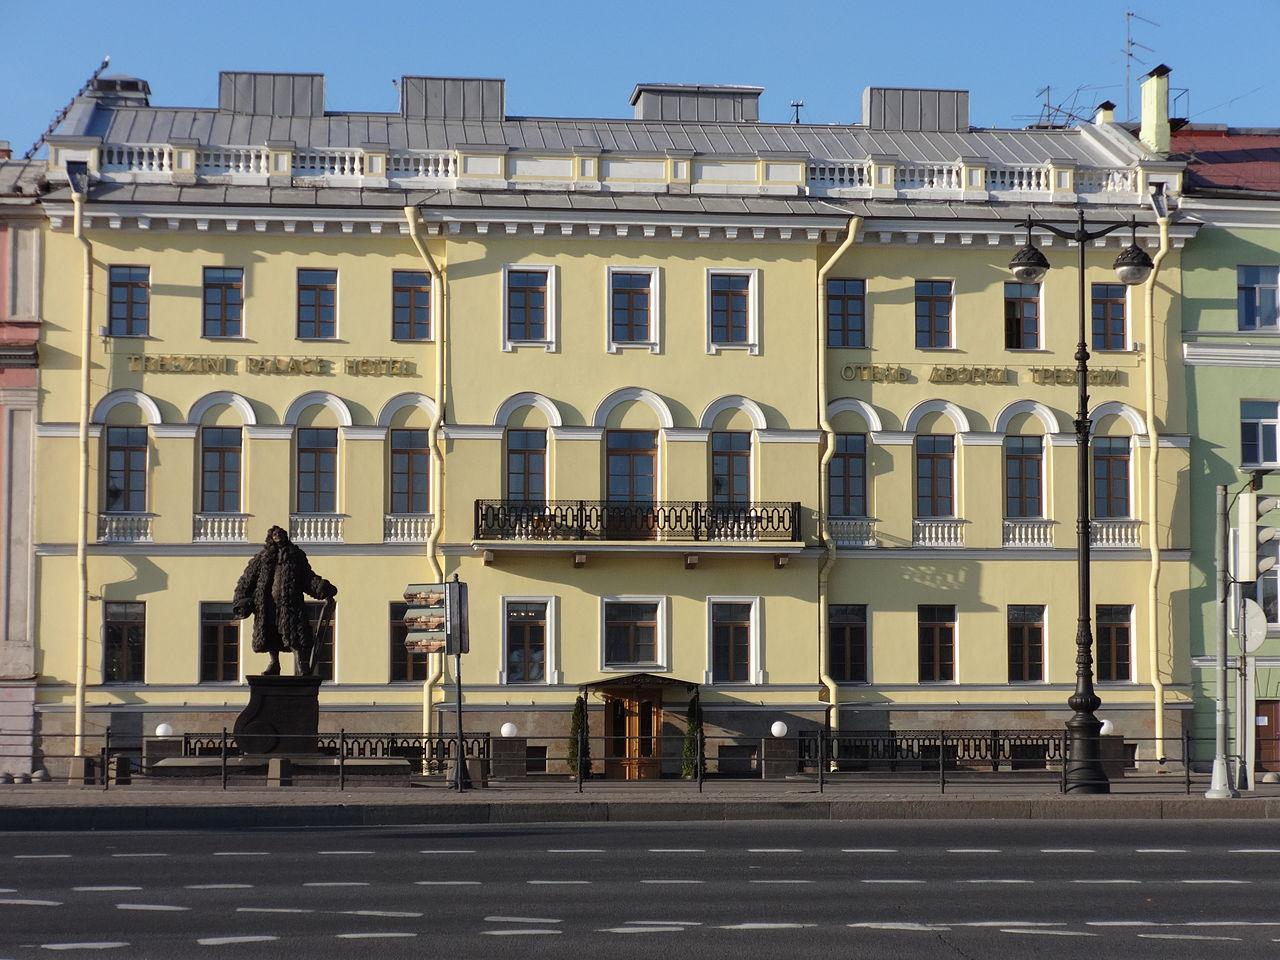 Университетская набережная, дом Трезини